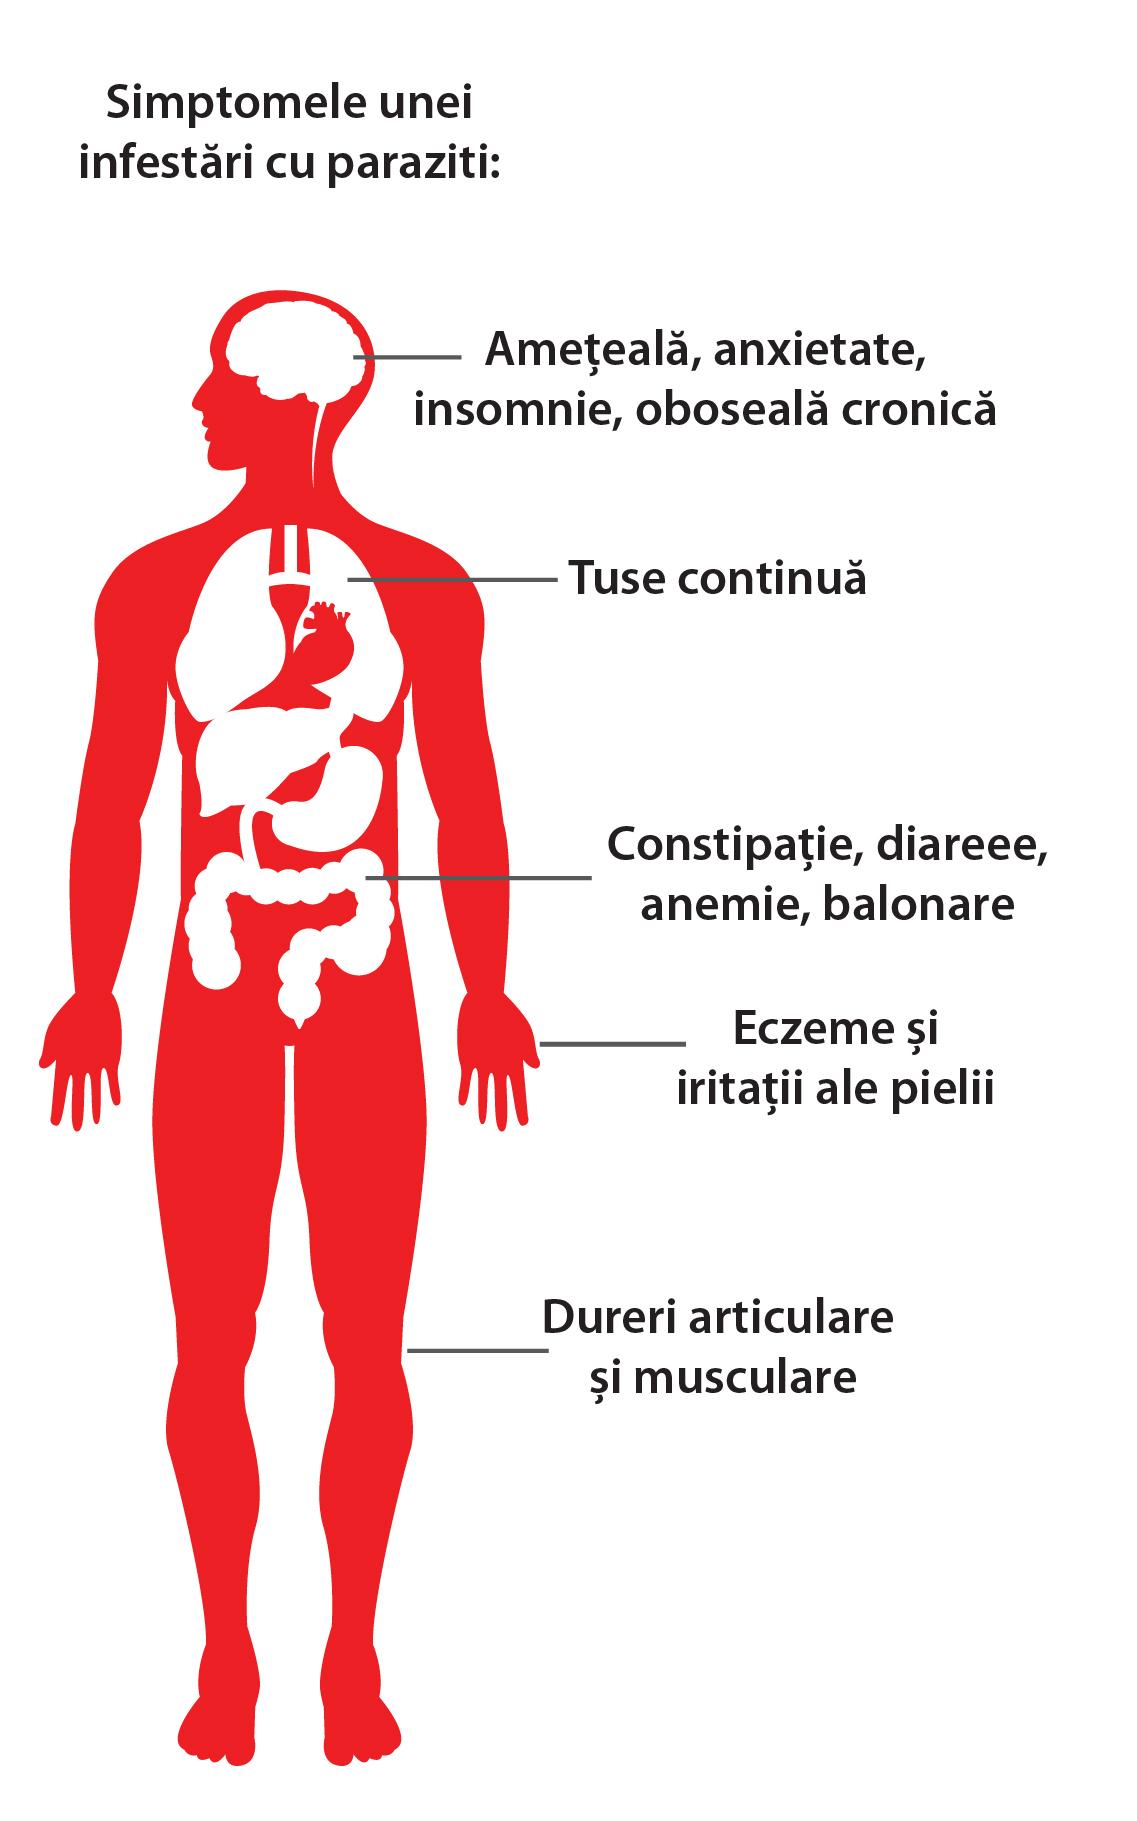 Simptomele unui parazit. Formular de căutare